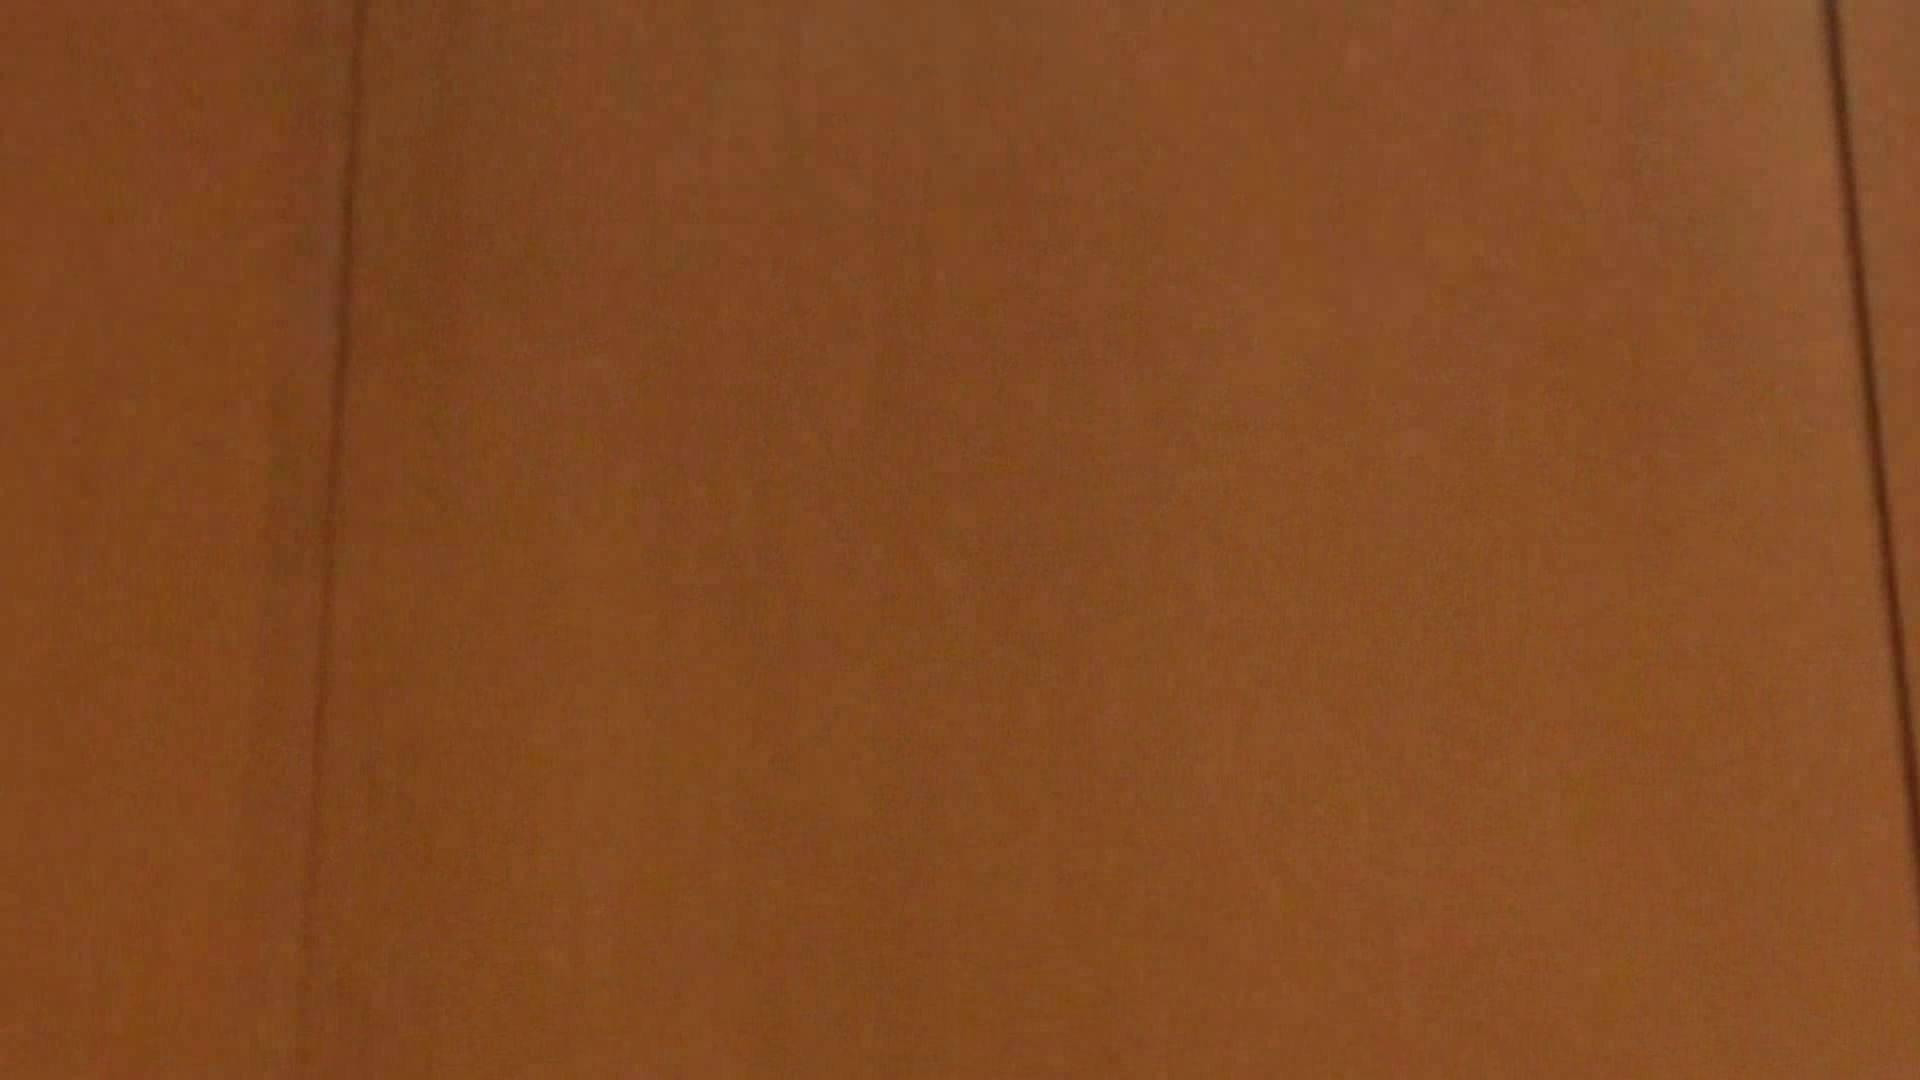 「噂」の国の厠観察日記2 Vol.01 HなOL | 厠  89pic 63